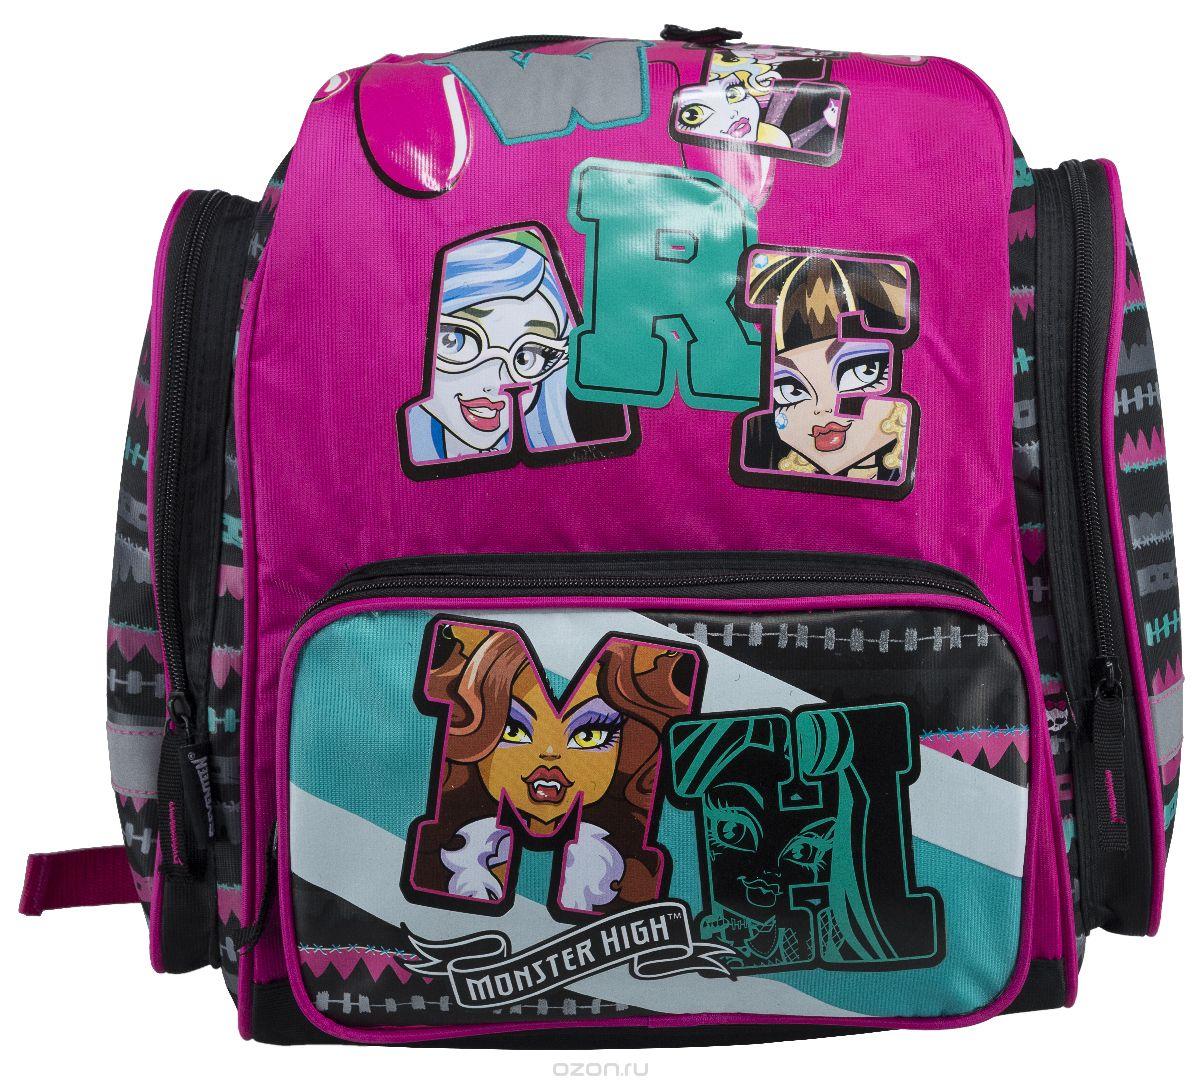 Рюкзак школьный Monster High, цвет: розовый, черный. MHCB-MT1-945MHCB-MT1-945Рюкзак школьный Monster High понравится каждой девочке-поклоннице мультсериала Школа монстров. Выполнен из прочных и высококачественных материалов, дополнен изображением учениц Monster High. Содержит одно вместительное отделение, закрывающееся на застежку-молнию с двумя бегунками. Лицевая сторона оснащена накладным карманом на застежке-молнии. По бокам расположены два накладных кармана на молнии. Специально разработанная архитектура спинки со стабилизирующими набивными элементами повторяет естественный изгиб позвоночника. Набивные элементы обеспечивают вентиляцию спины ребенка. Мягкие широкие лямки позволяют легко и быстро отрегулировать рюкзак в соответствии с ростом. Рюкзак оснащен эргономичной ручкой для удобной переноски в руке. Светоотражающие элементы обеспечивают безопасность в темное время суток. Такой школьный рюкзак станет незаменимым спутником вашего ребенка в походах за знаниями. Вес рюкзака без наполнения: 700 г. Рекомендуемый...